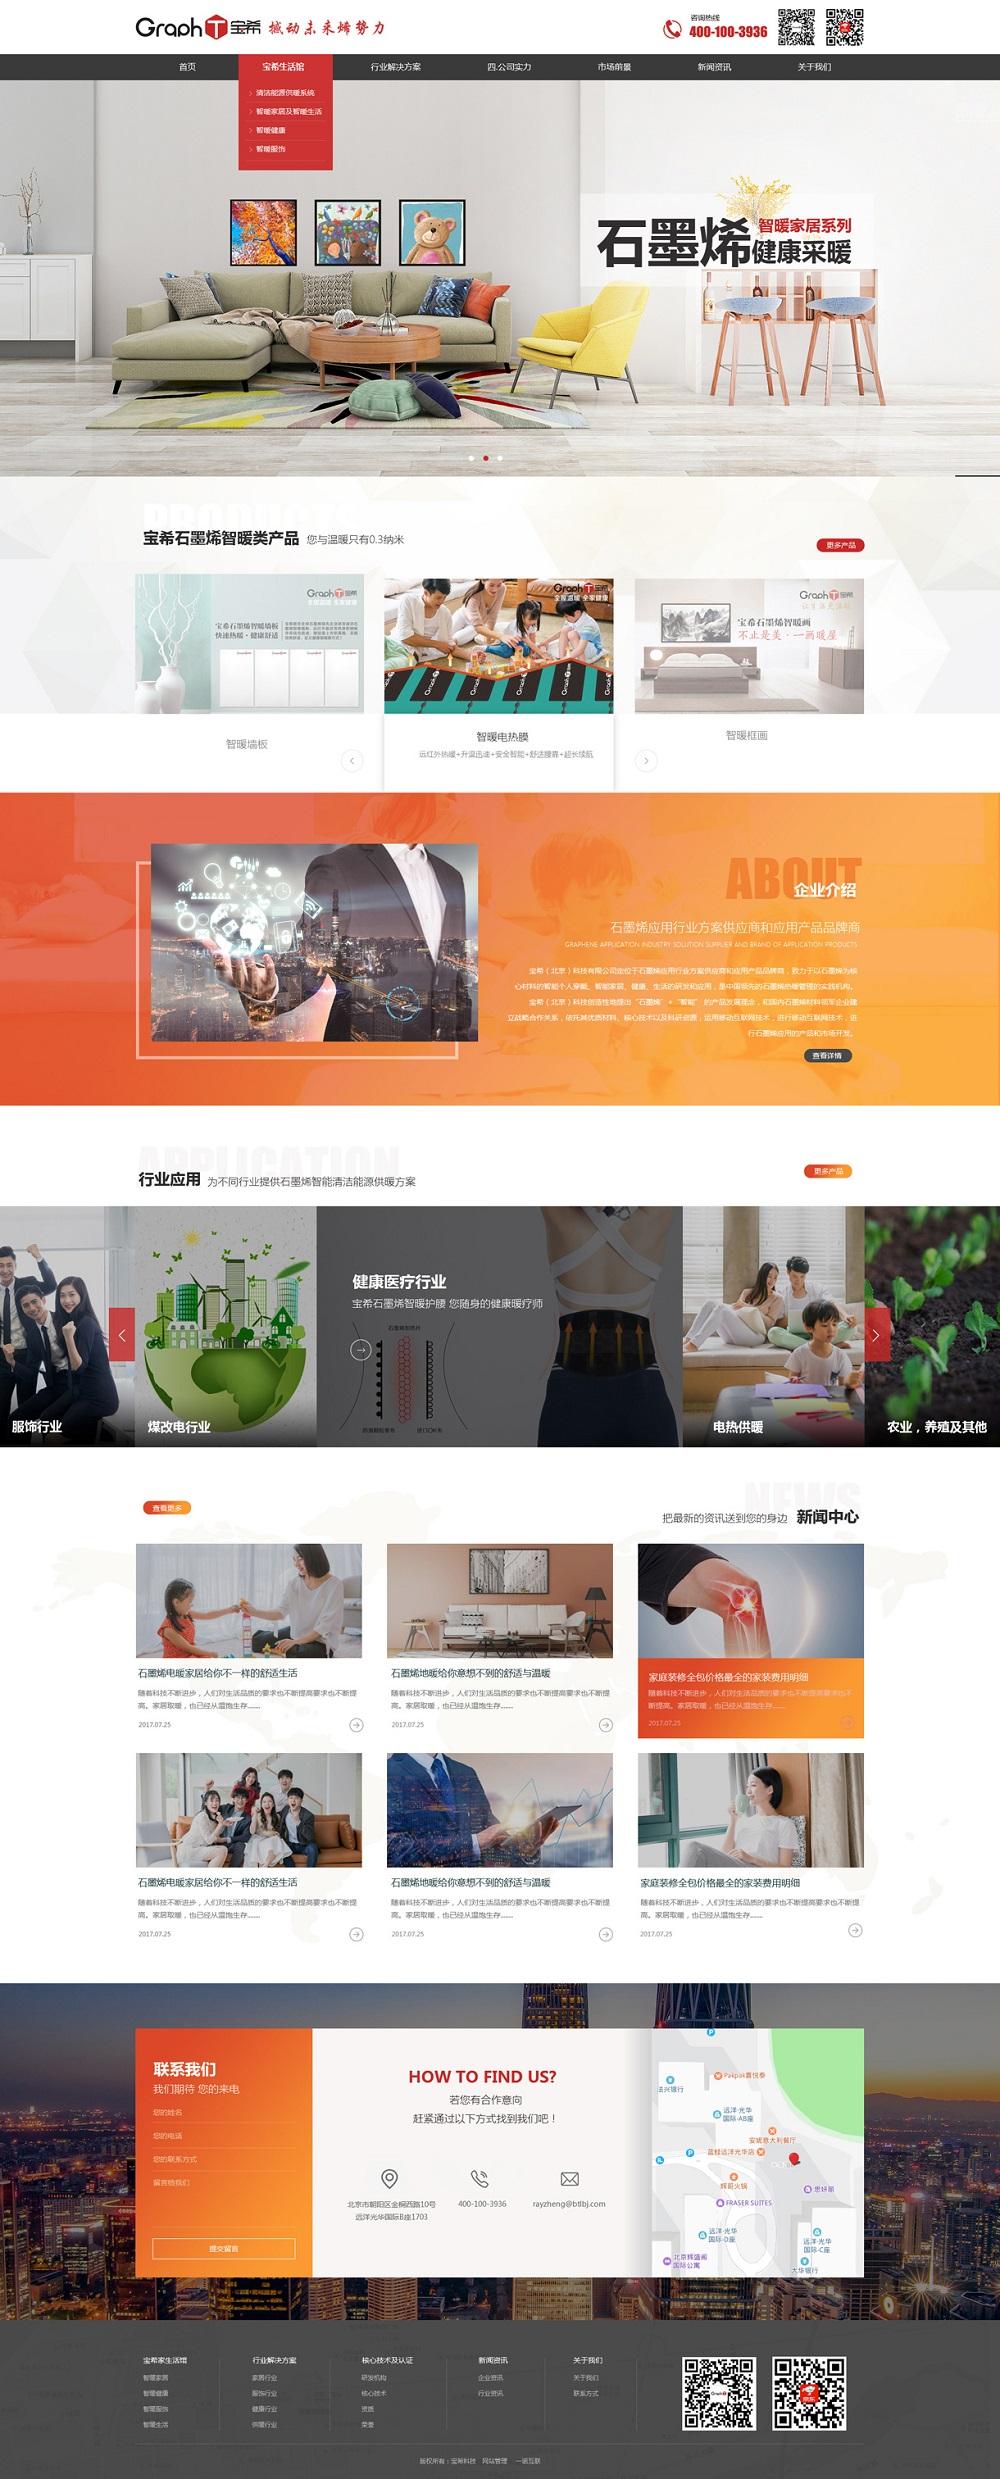 网站优化公司,网站制作